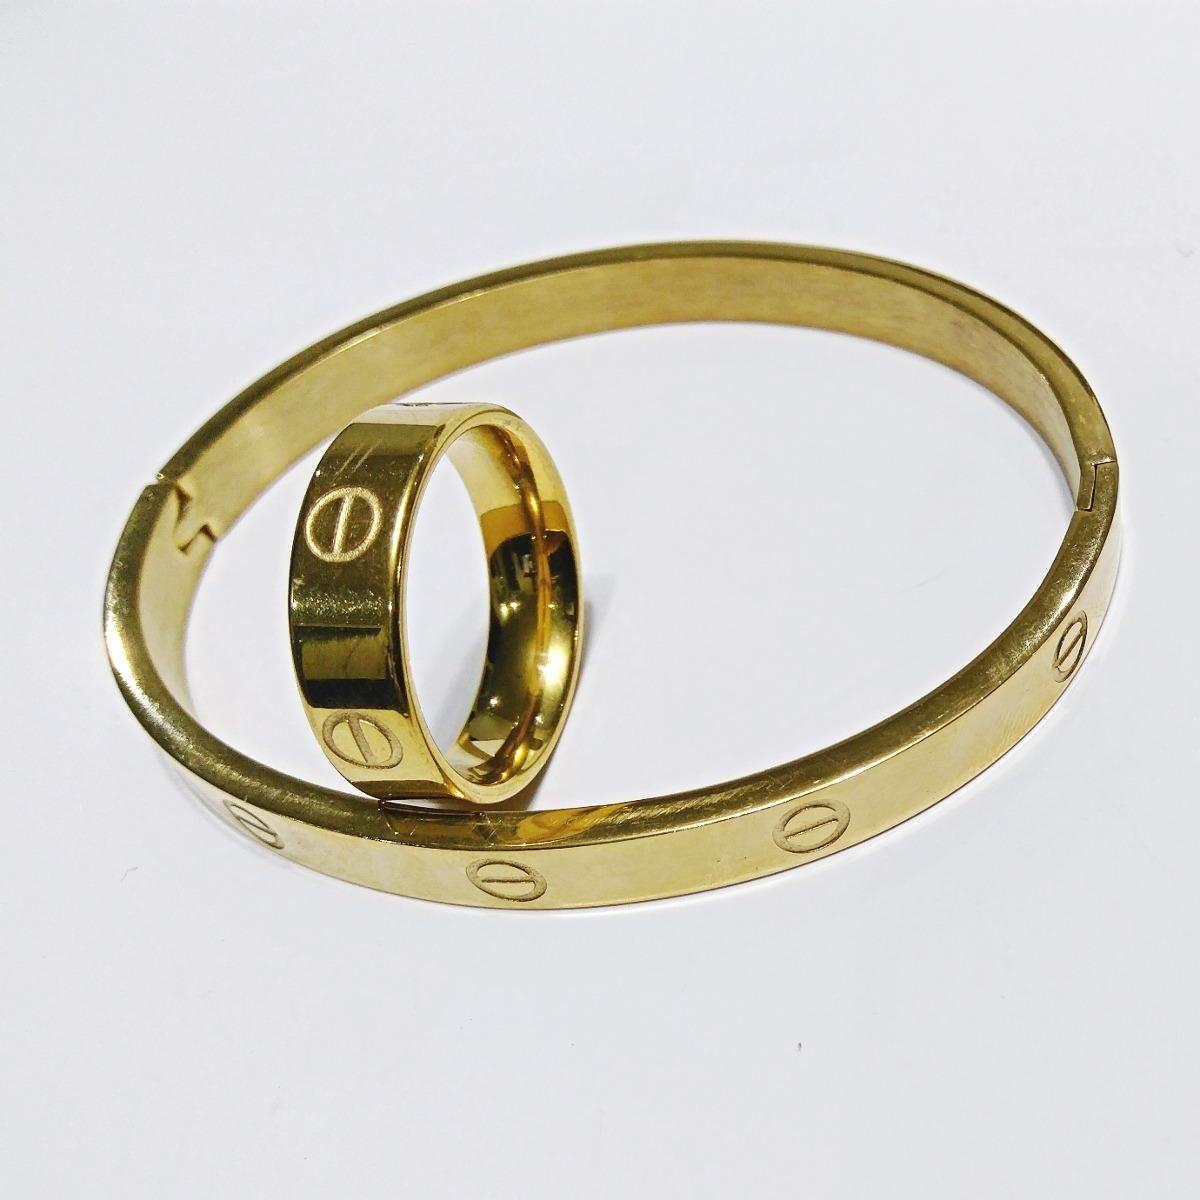 ee5fda26a61 pulsera y anillo cartier love oro laminado 24k envío gratis. Cargando zoom.